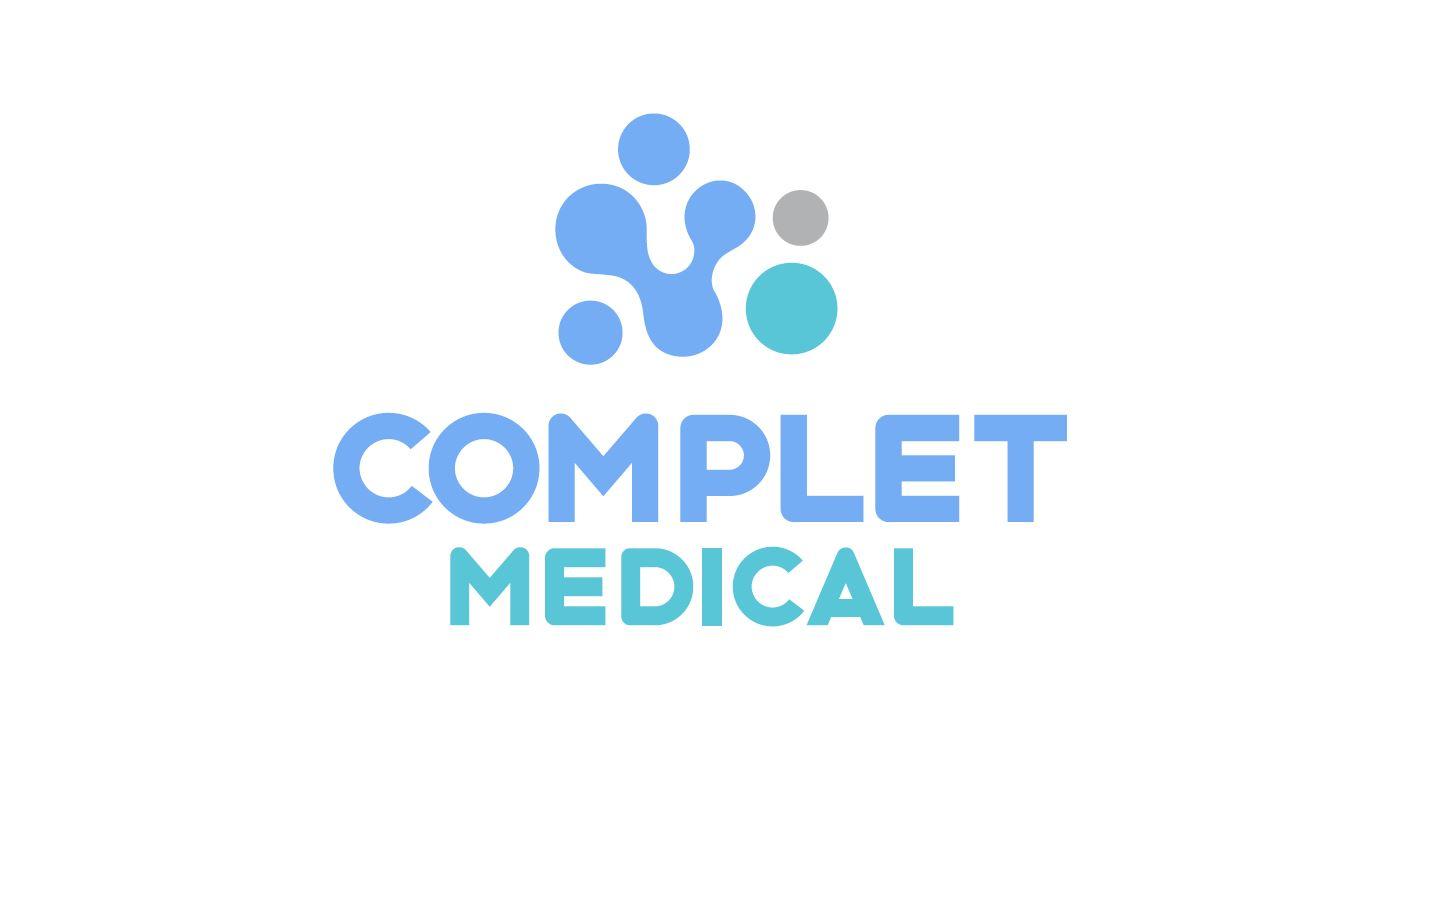 complet medical